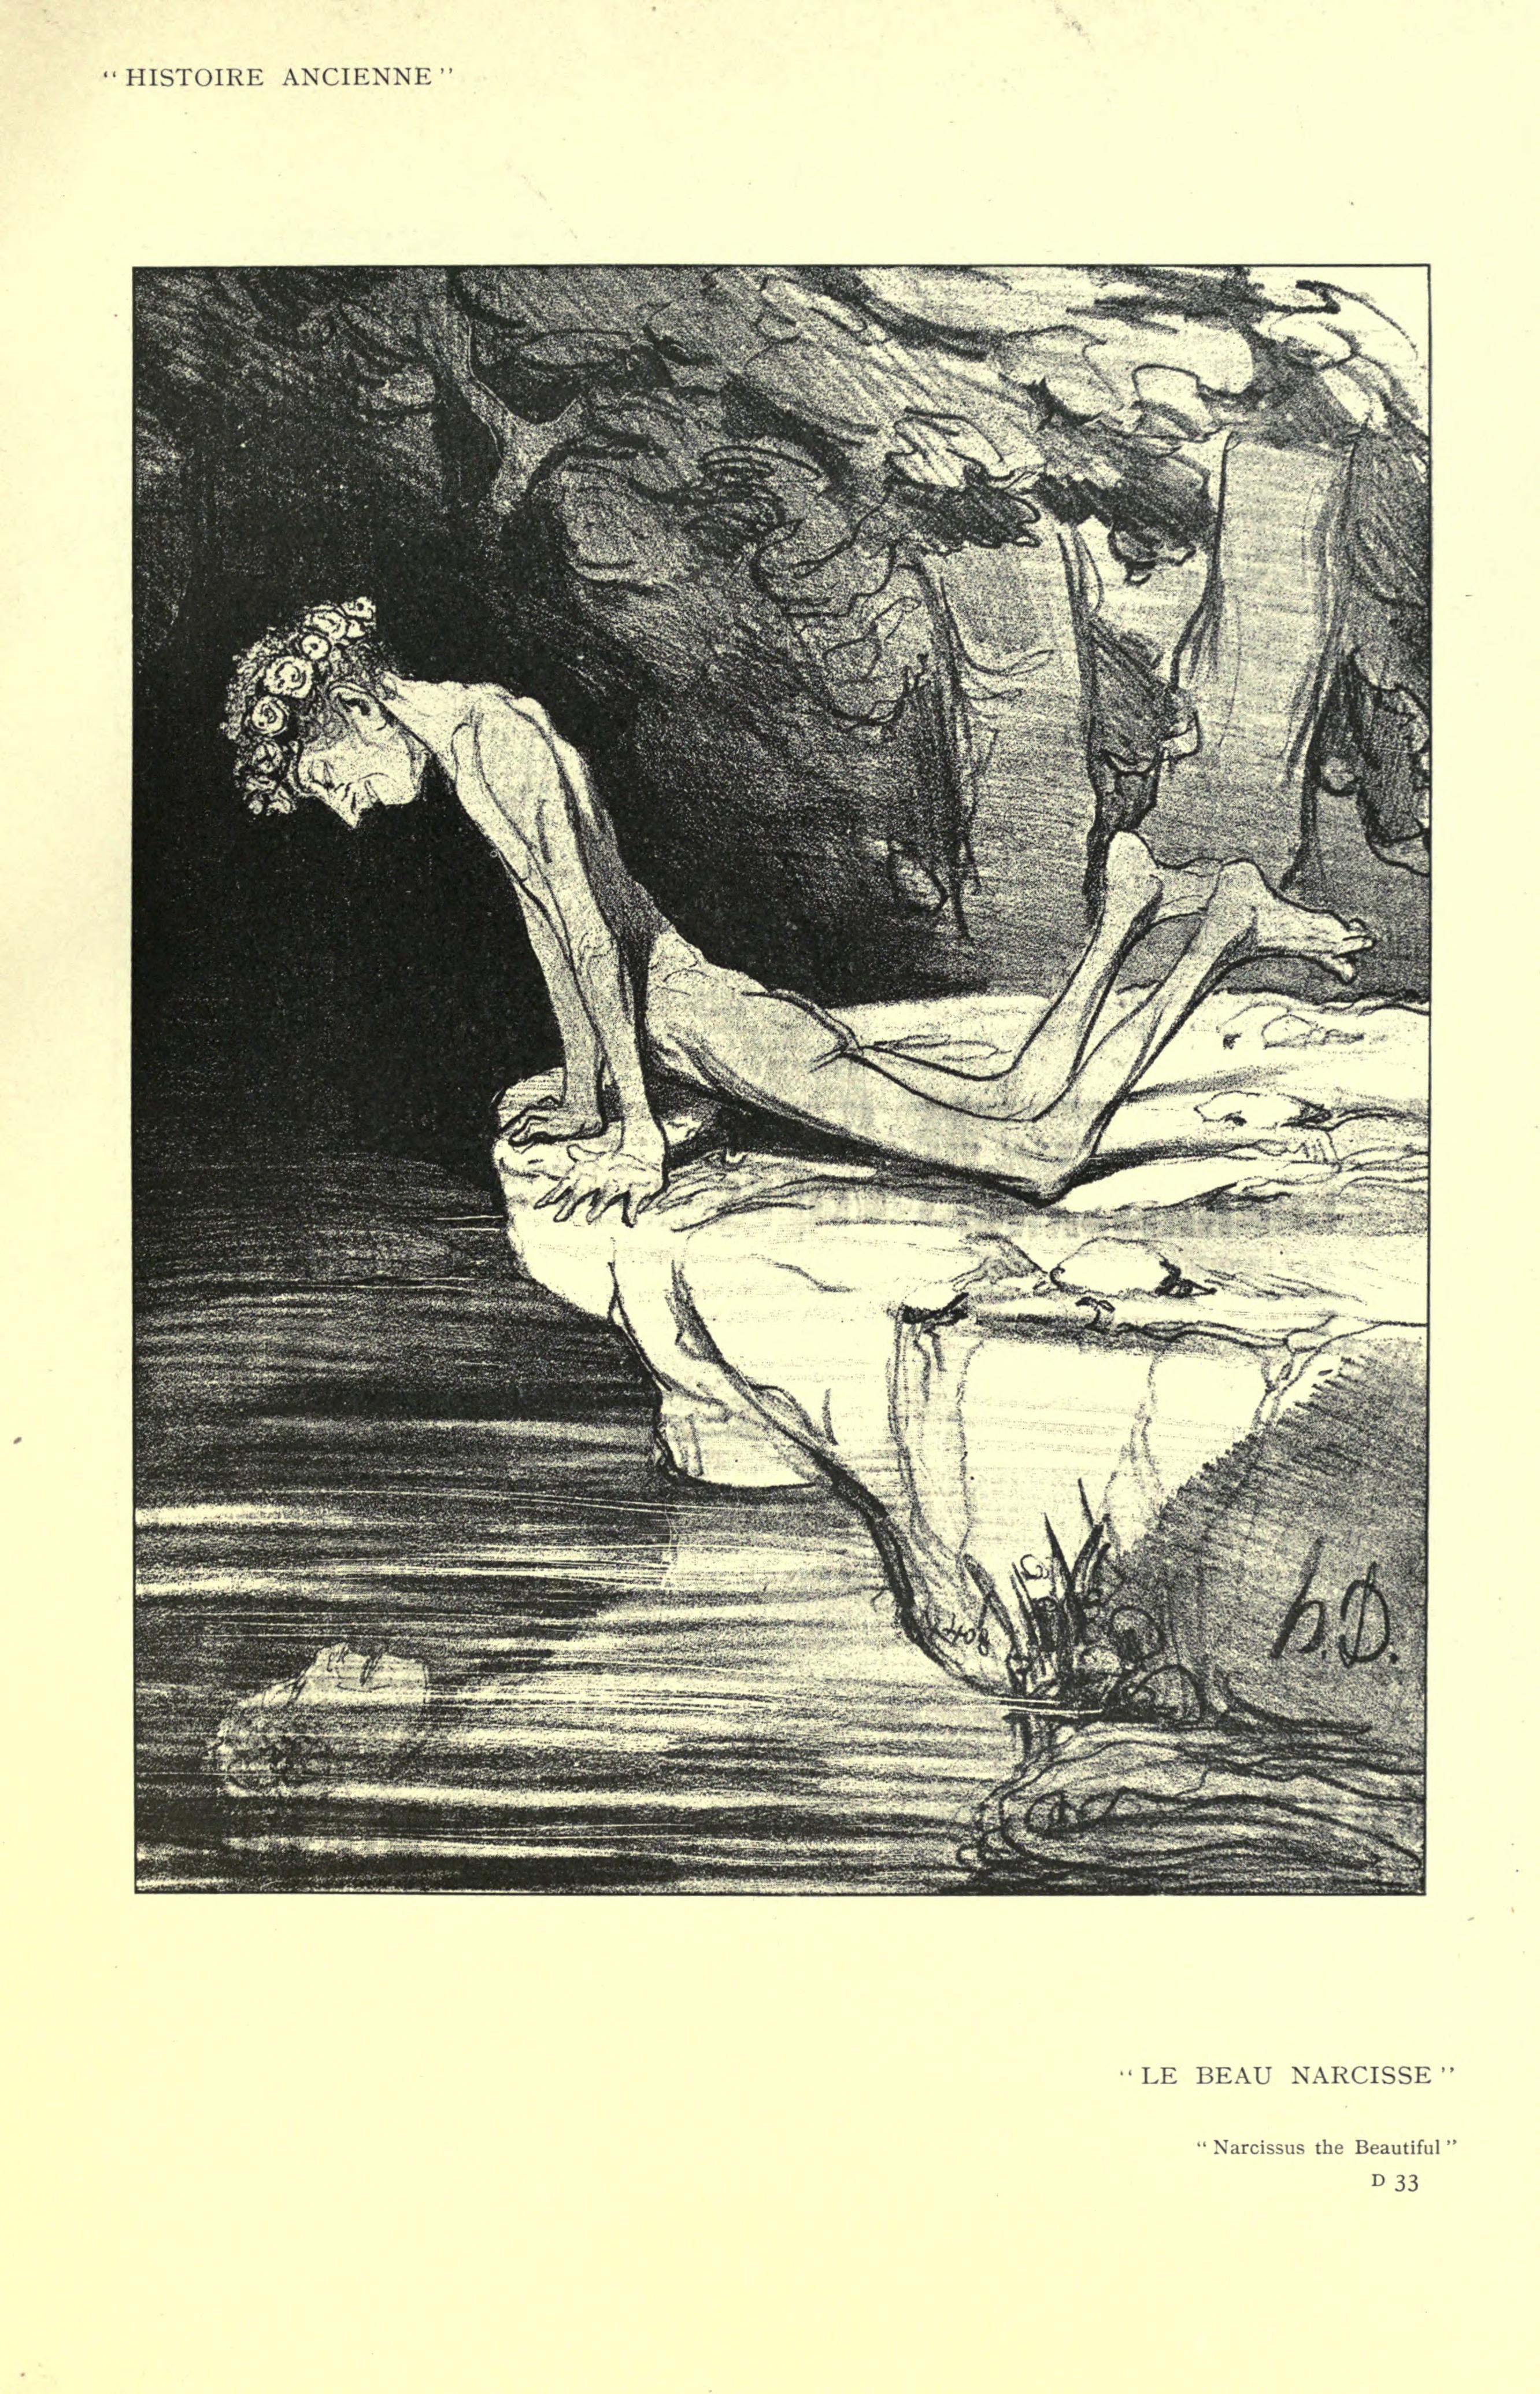 narcissus nevsepic.com .ua  - <b>Я в центрі, я краще:</b> що таке нарцисичний розлад особистості, як його розпізнати та чи можна виправити - Заборона